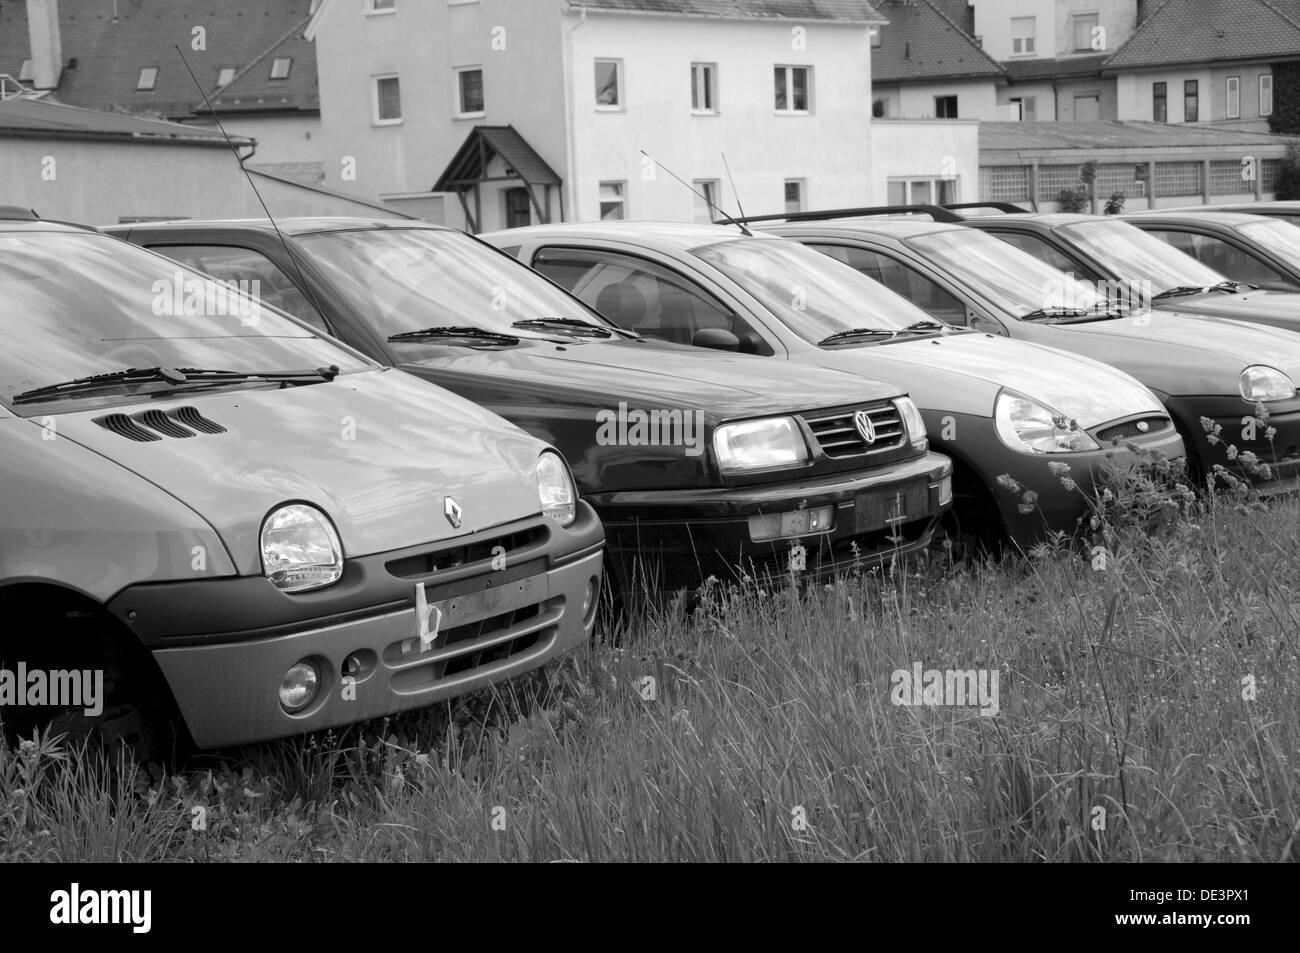 Scrapyard in Germany - Stock Image